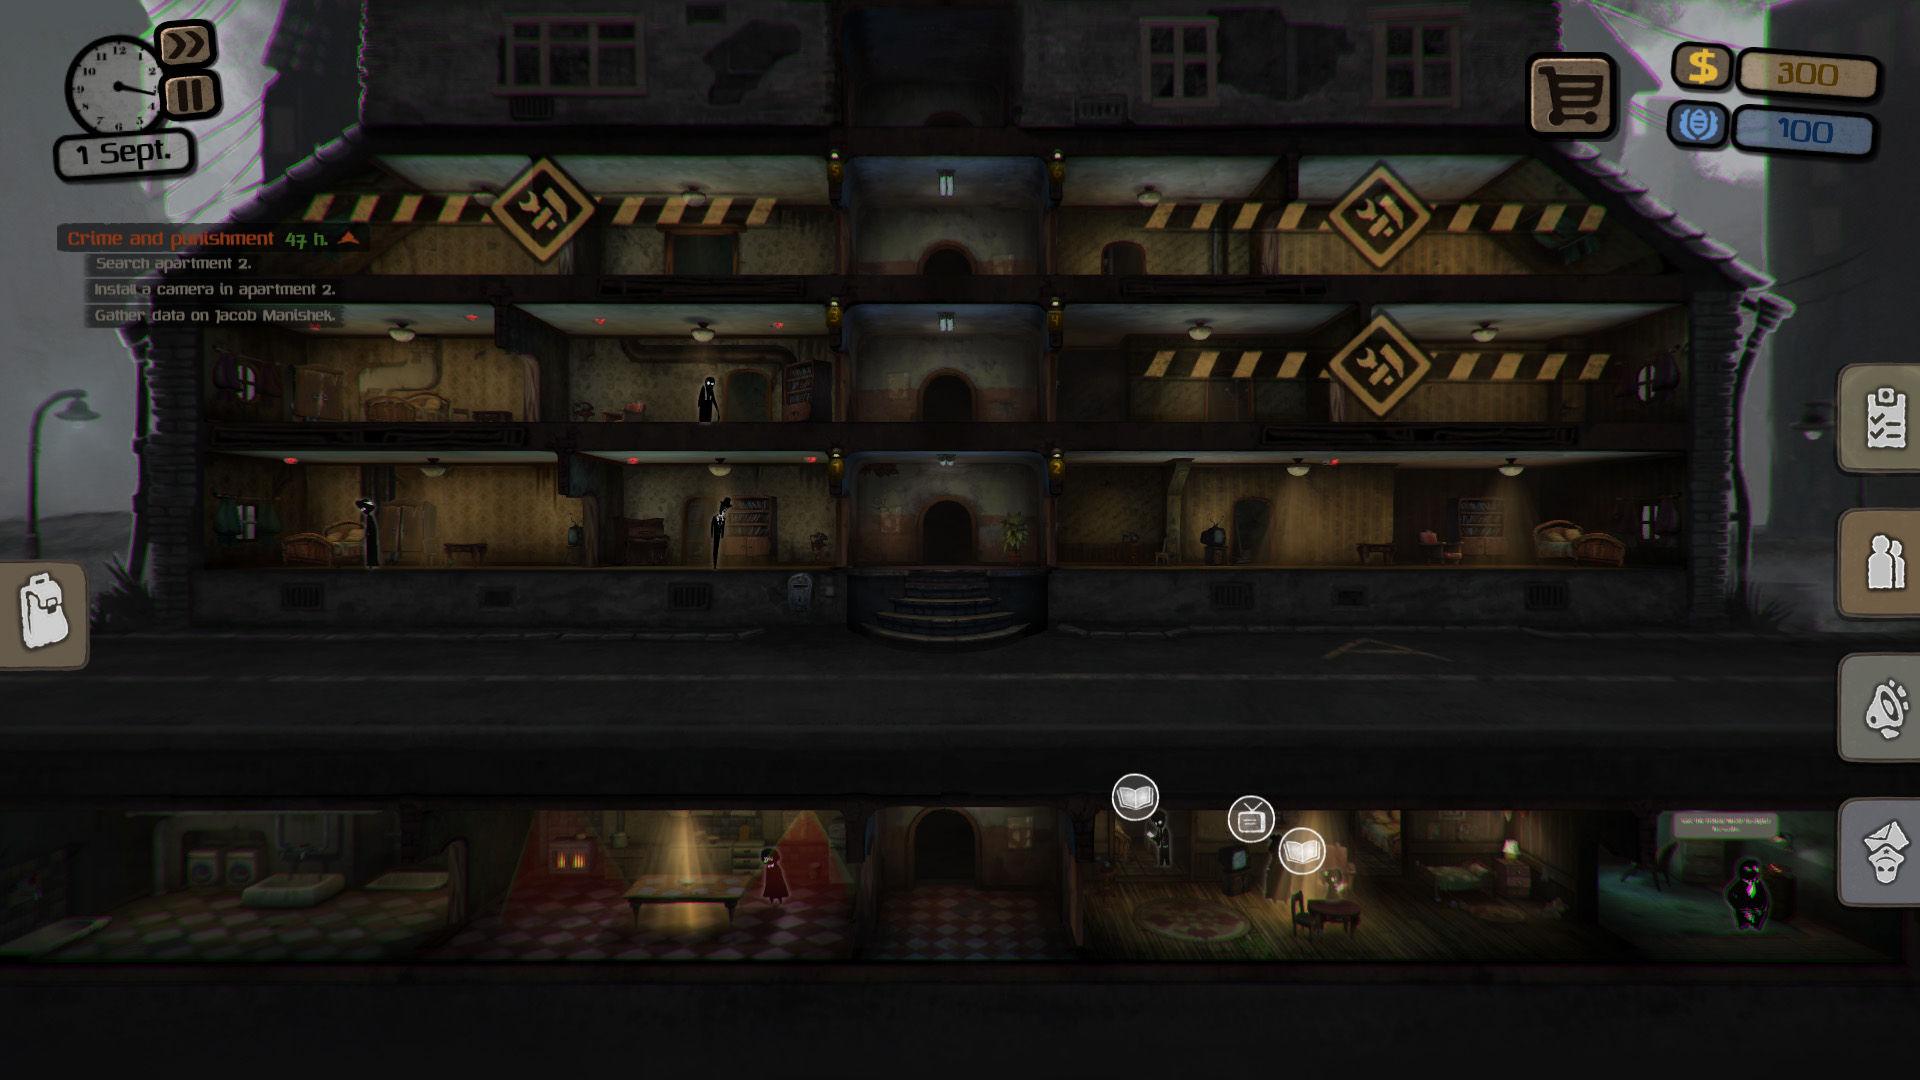 Beholder Screenshot 1